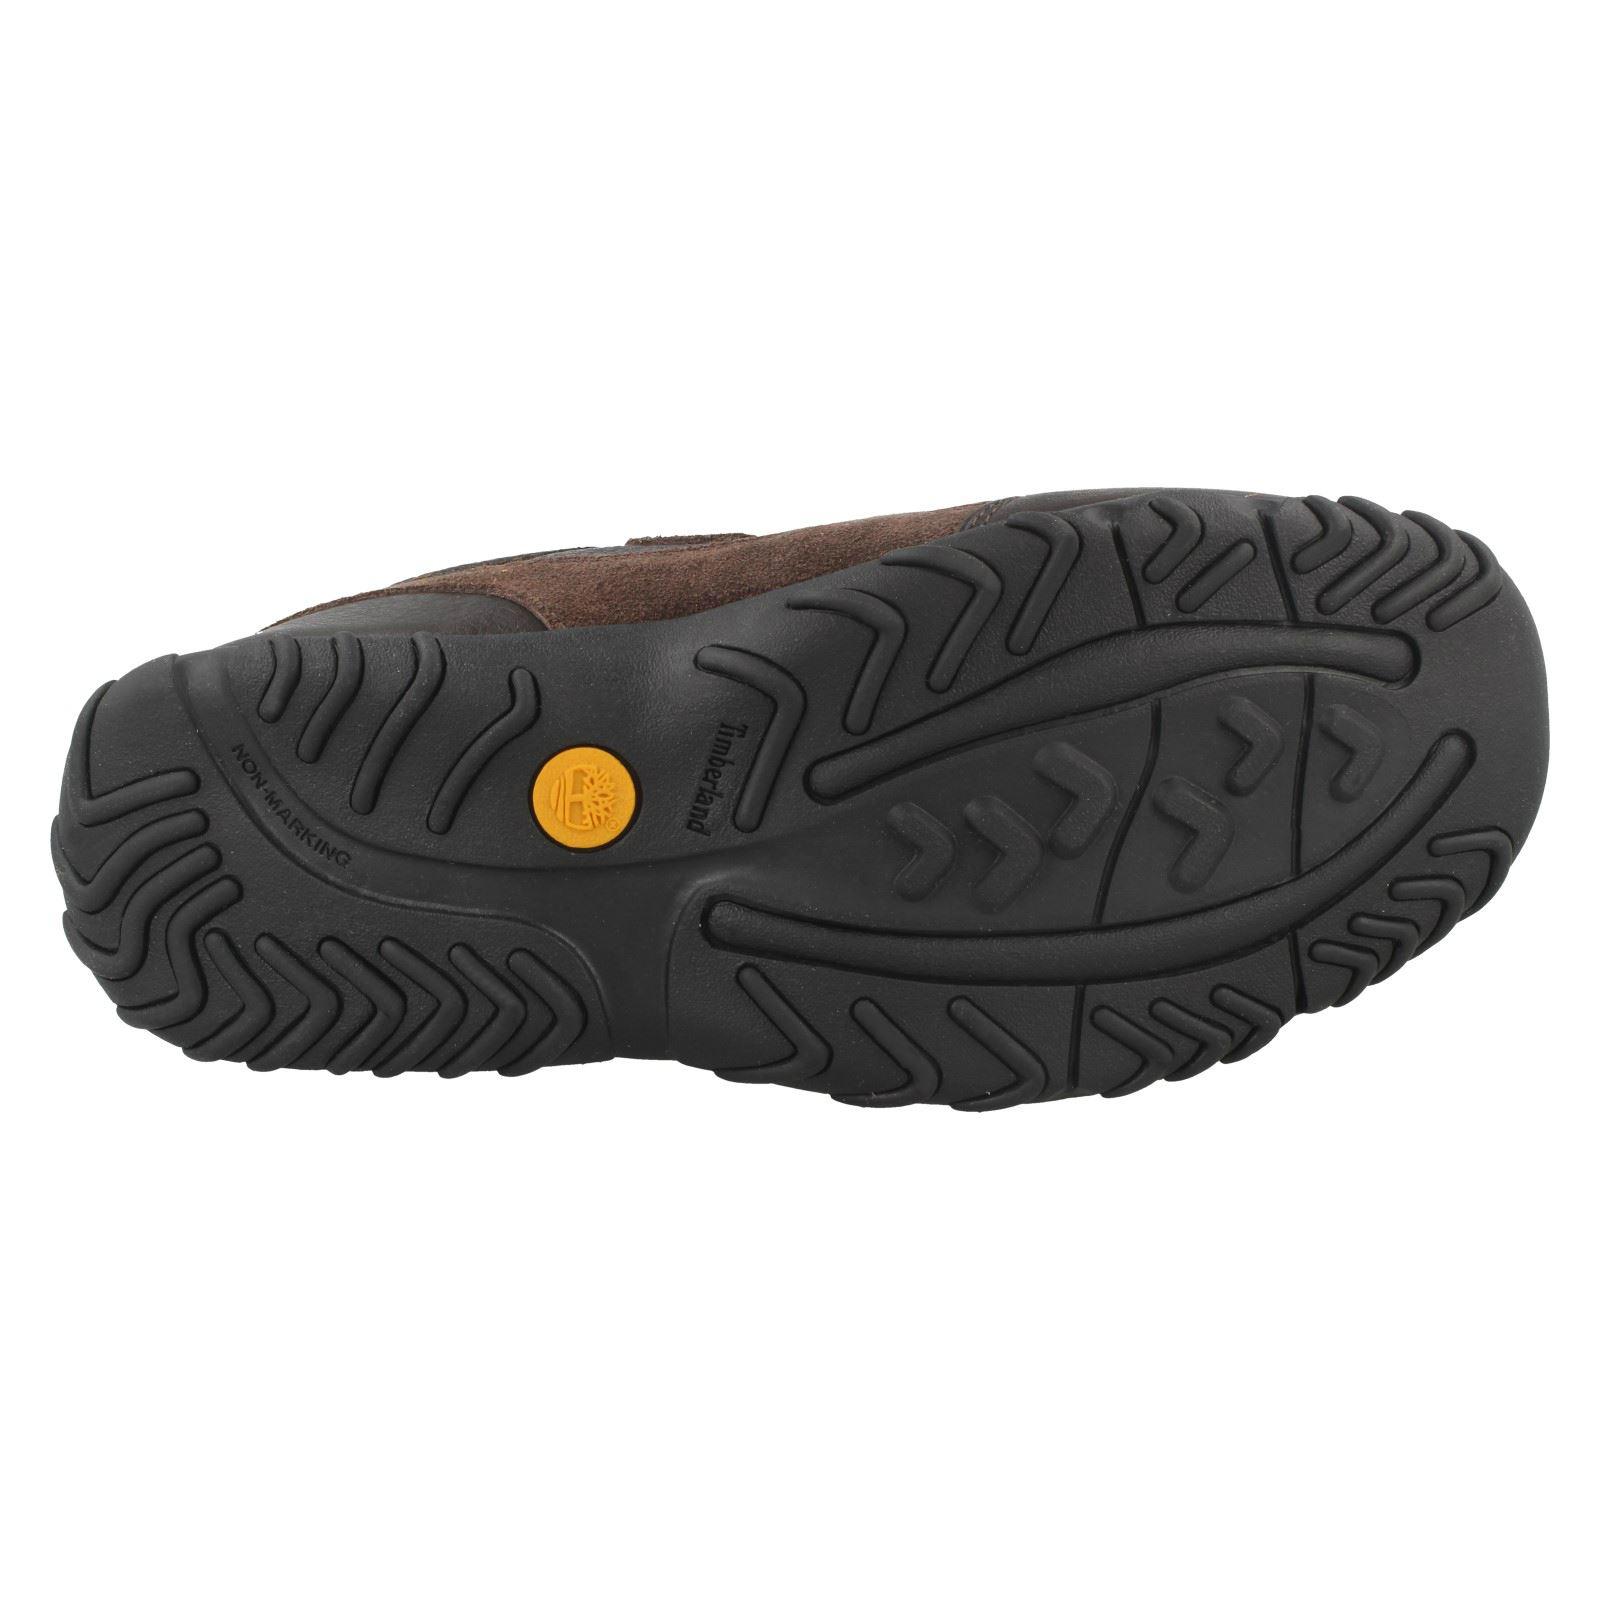 niños 87959 Timberland escolares para Zapatillas inteligentes marrón qIU0wxH